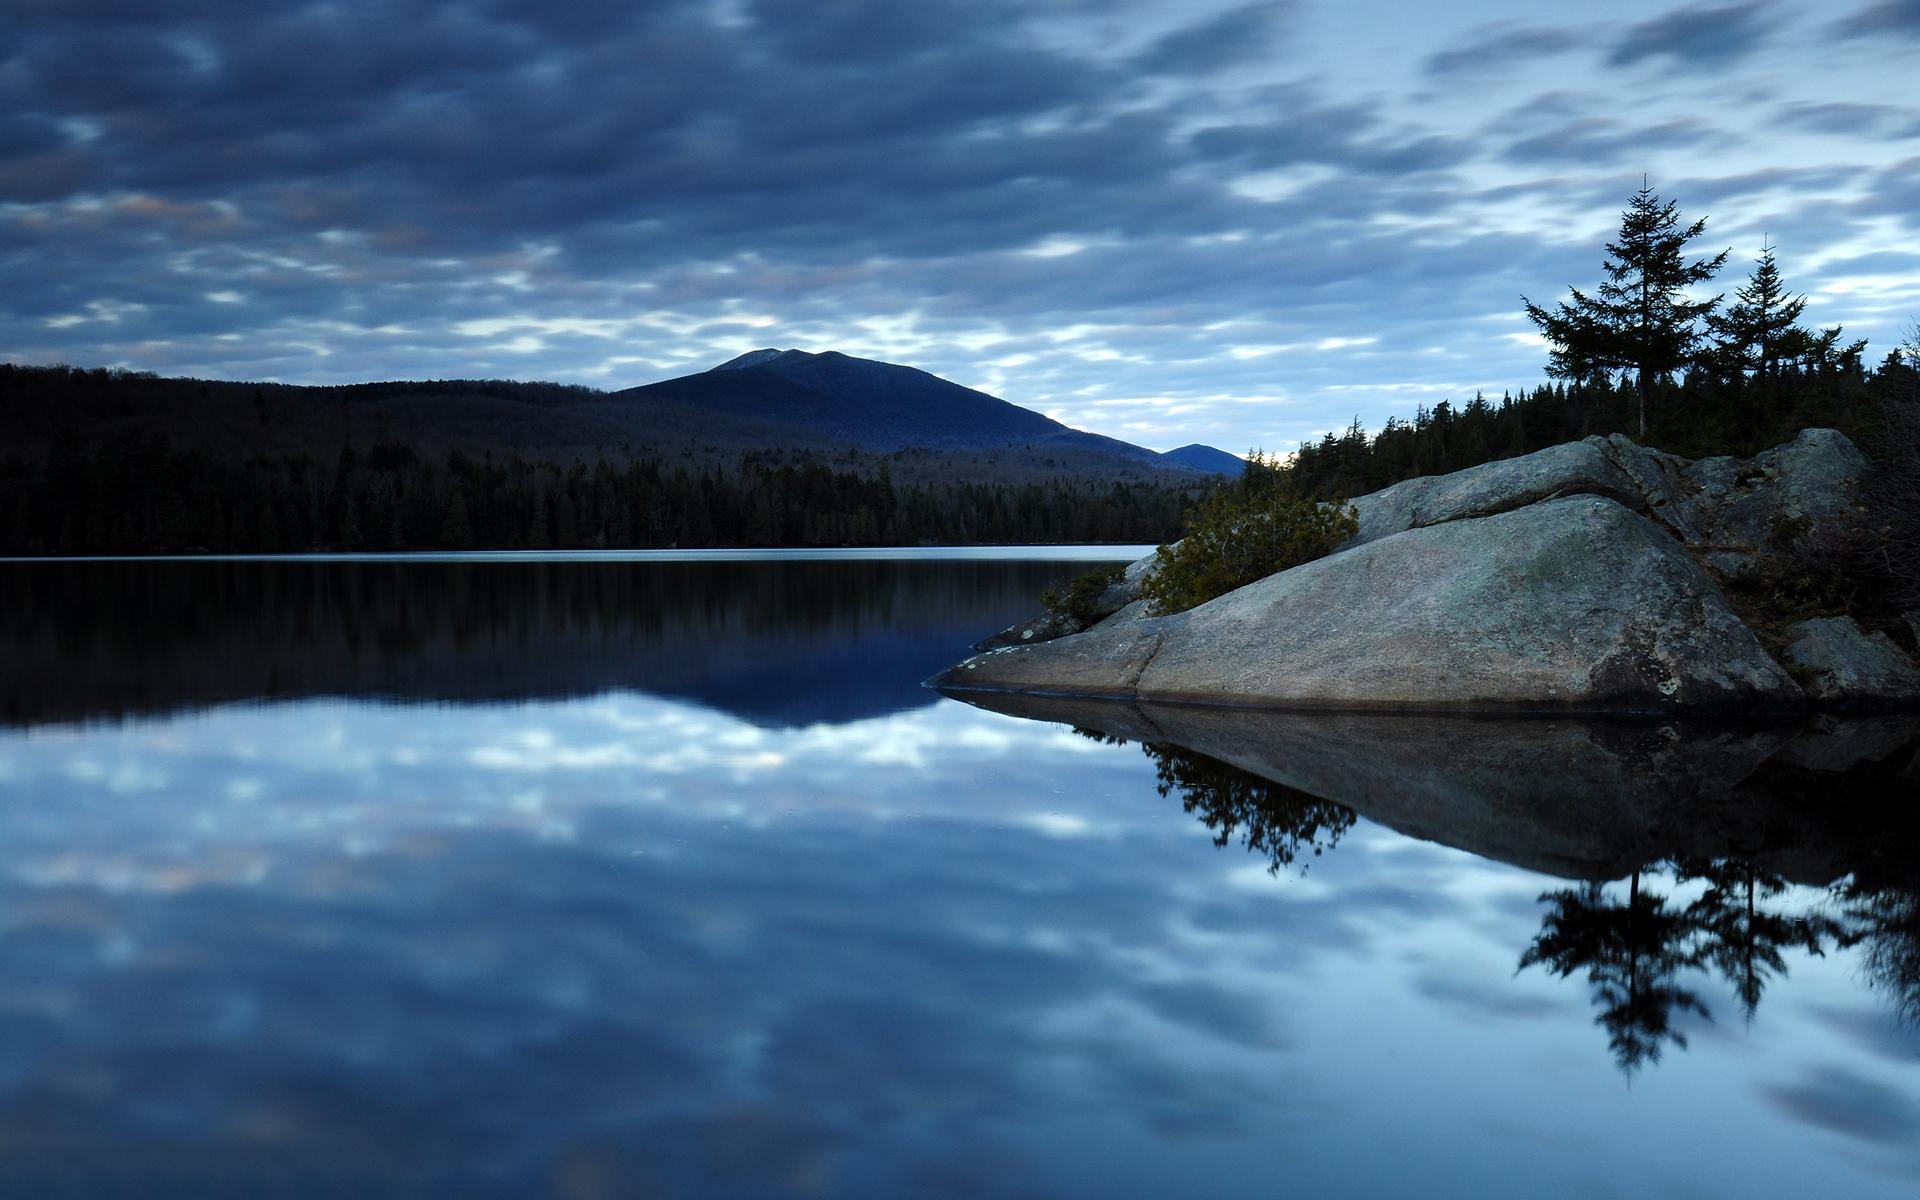 камни озеро сумерки без смс